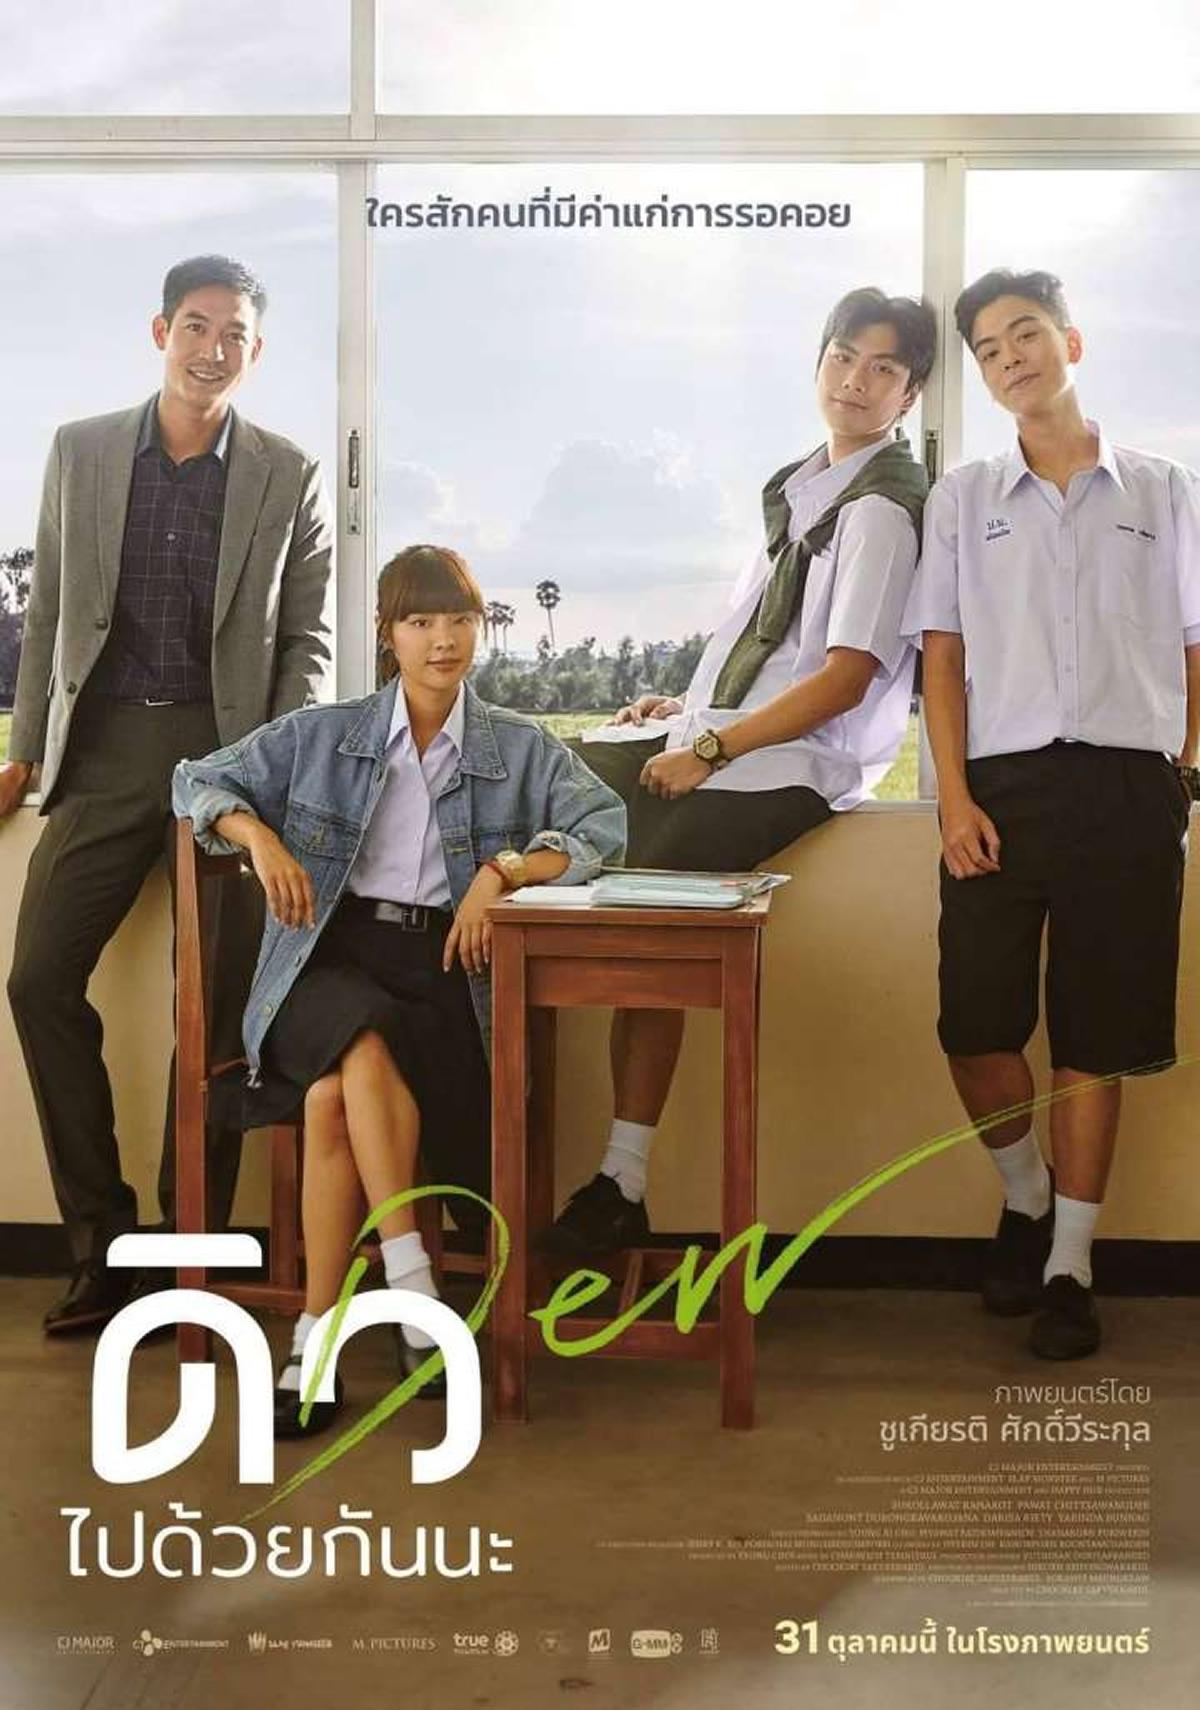 タイ映画「デュー あの時の君とボク」が2021年7月2日より日本で劇場公開